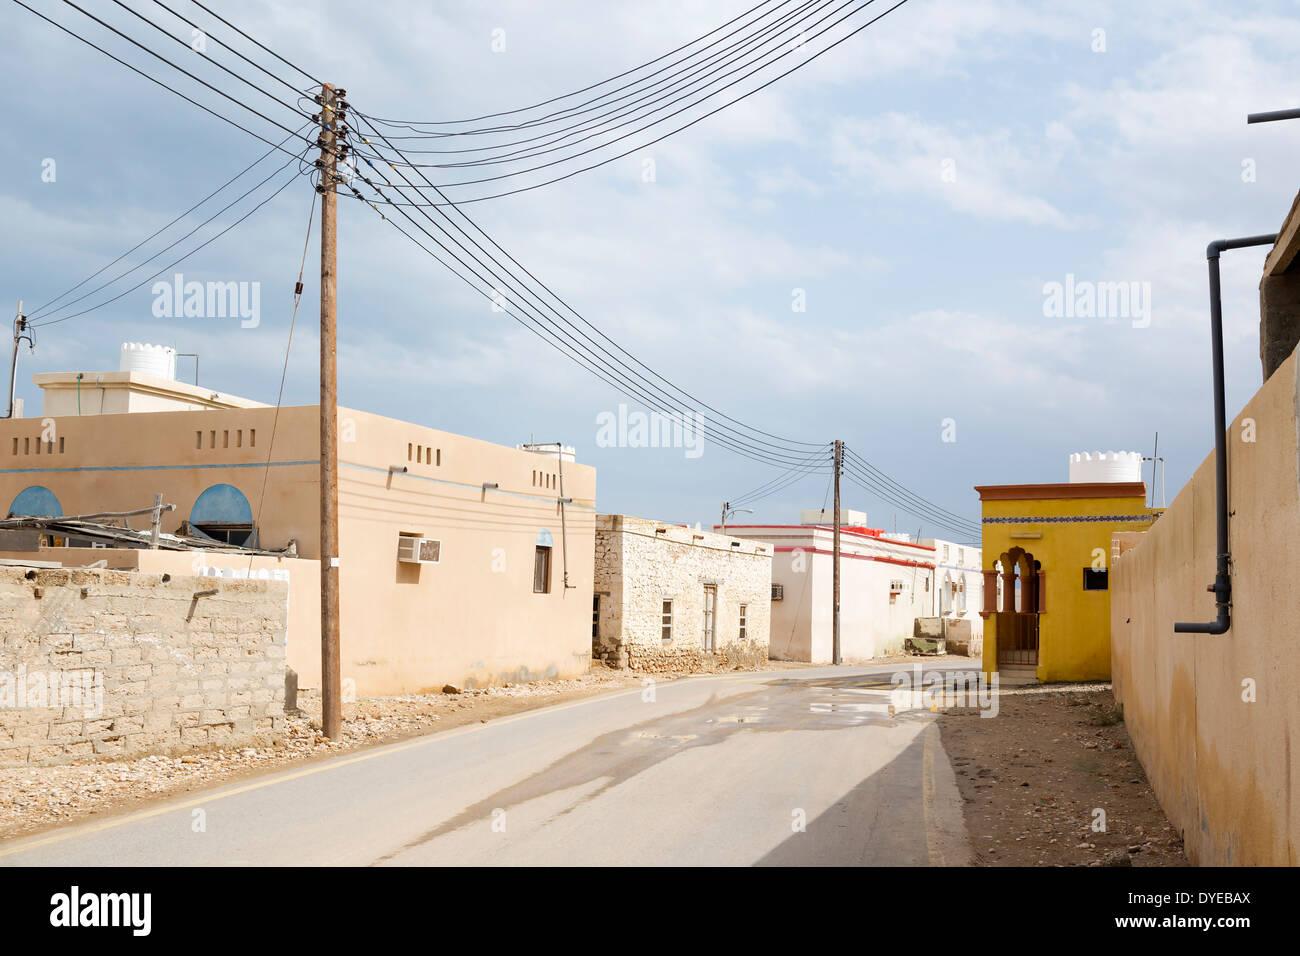 Bild eines Dorfes im Oman mit Zuleitung Stockbild